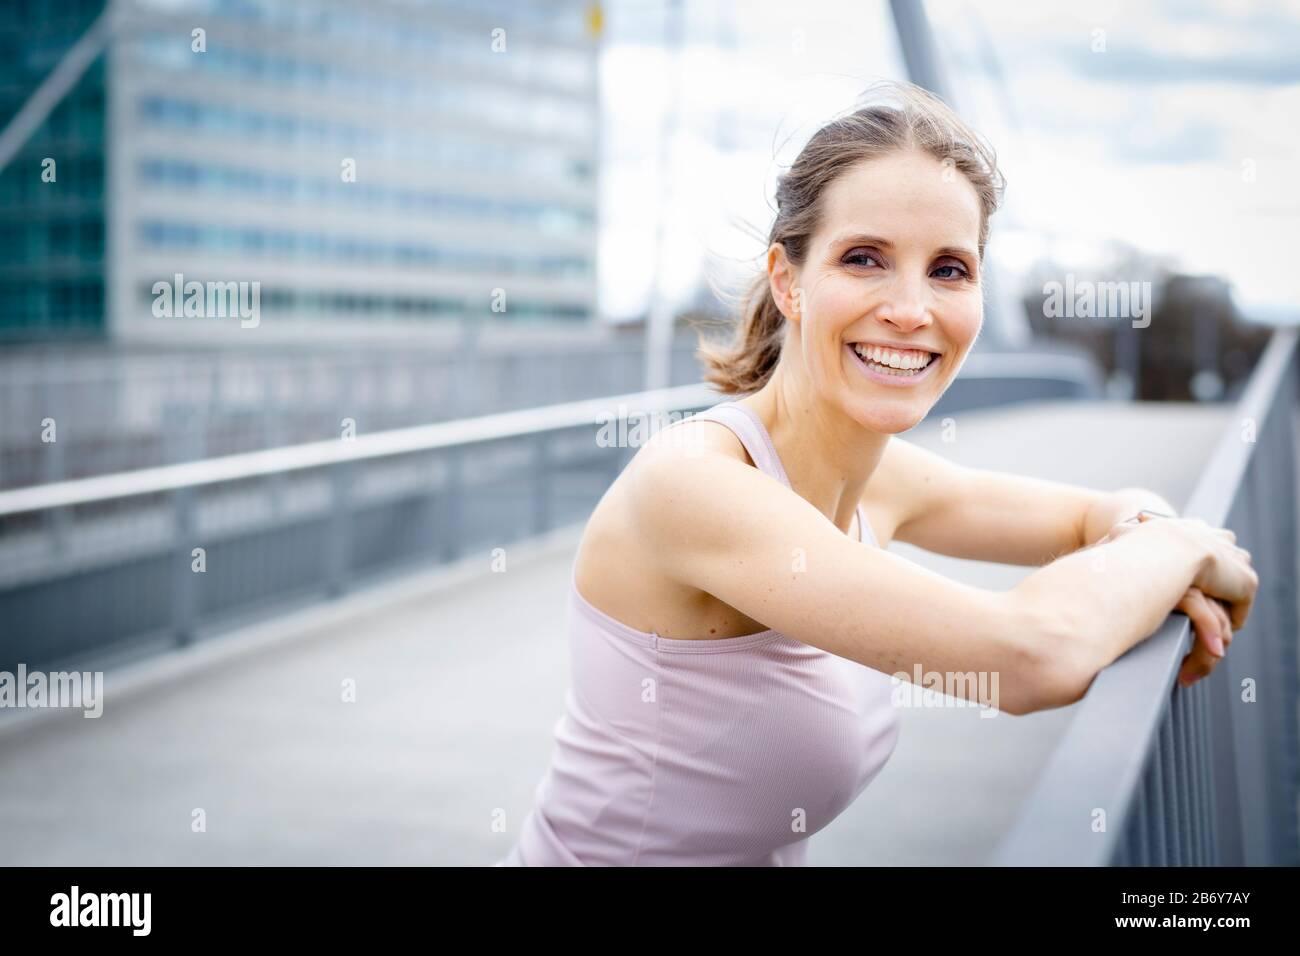 Happy young woman rests after jogging in the city and leans on a railing. Glückliche junge Frau ruht nach dem Joggen und stützt sich auf ein Geländer. Stock Photo